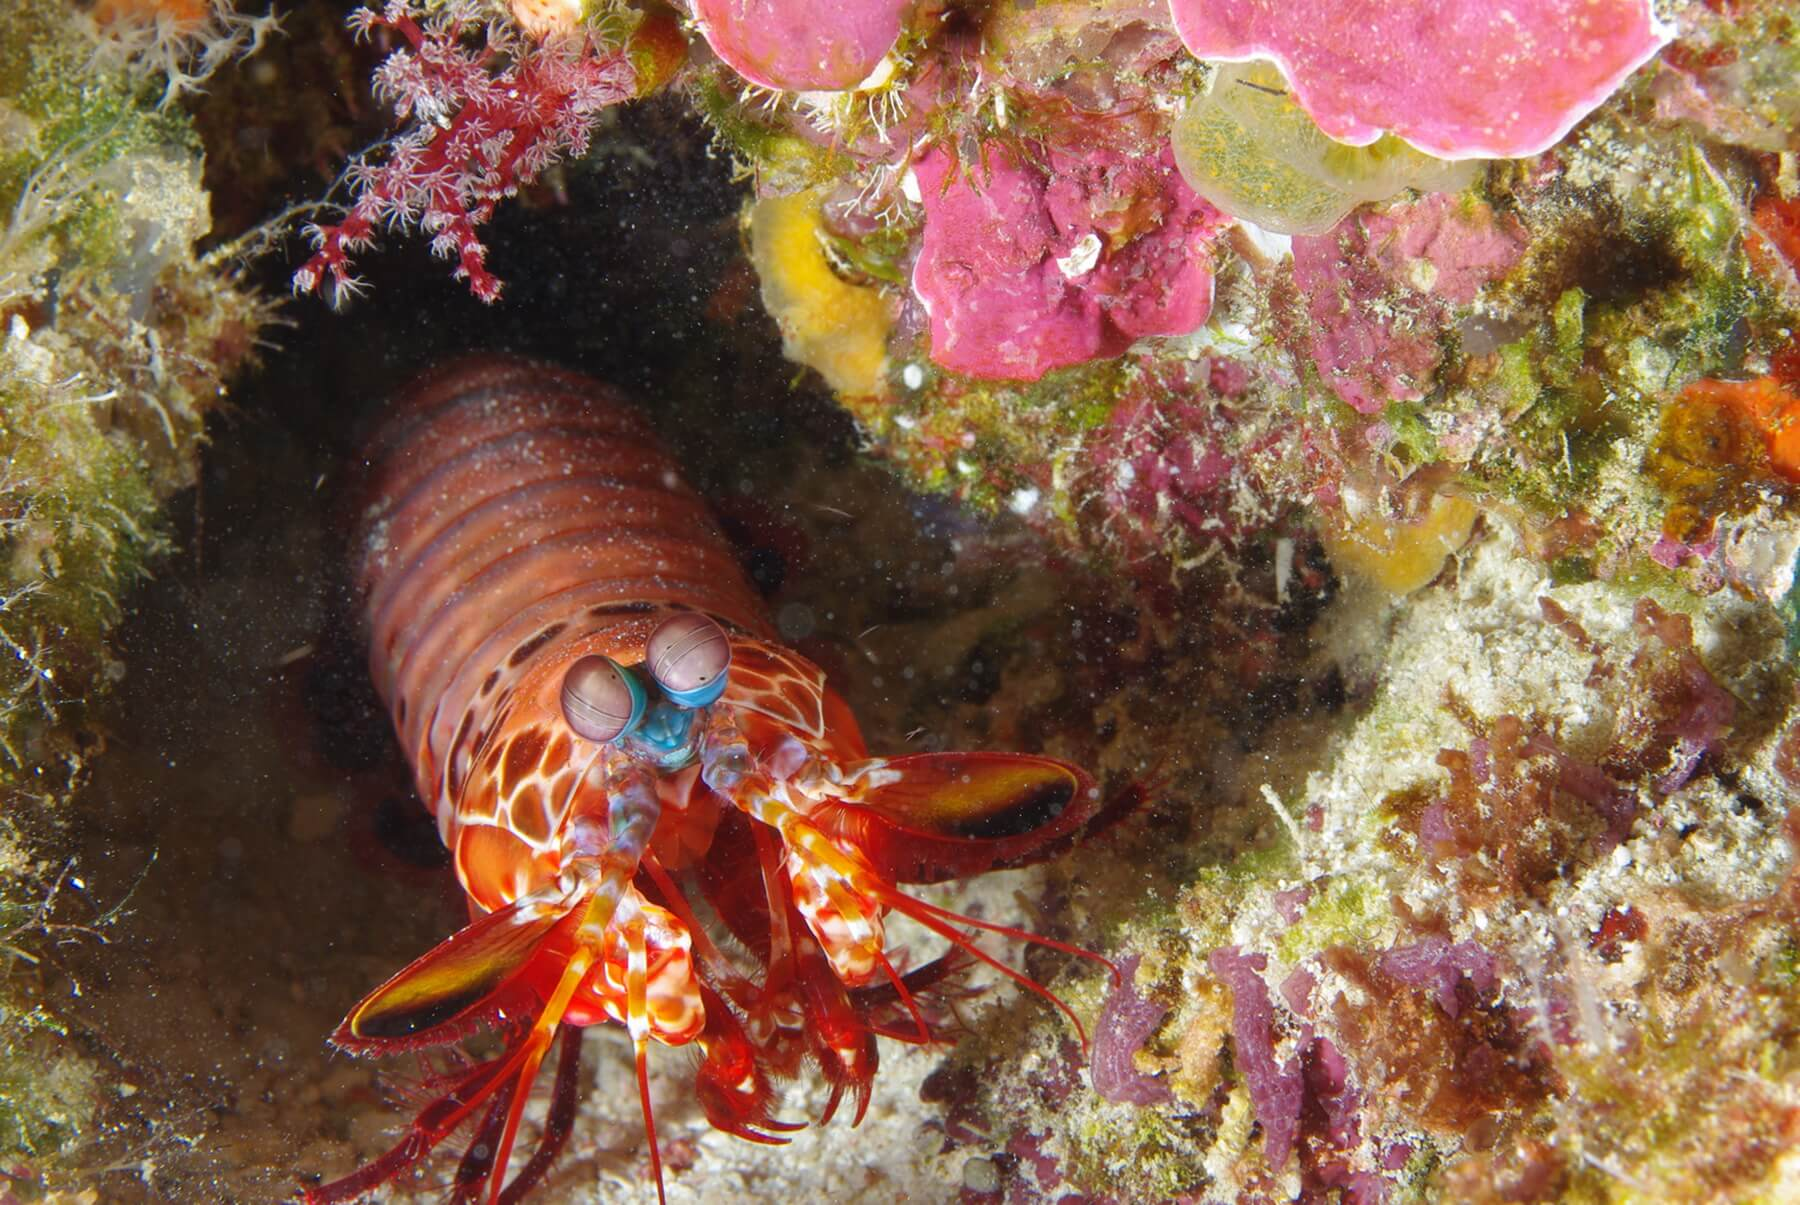 Die Fangschreckenkrebse verdanken ihren Namen den Fangwerkzeugen, die äußerlich denen von Gottesanbeterinnen ähneln.